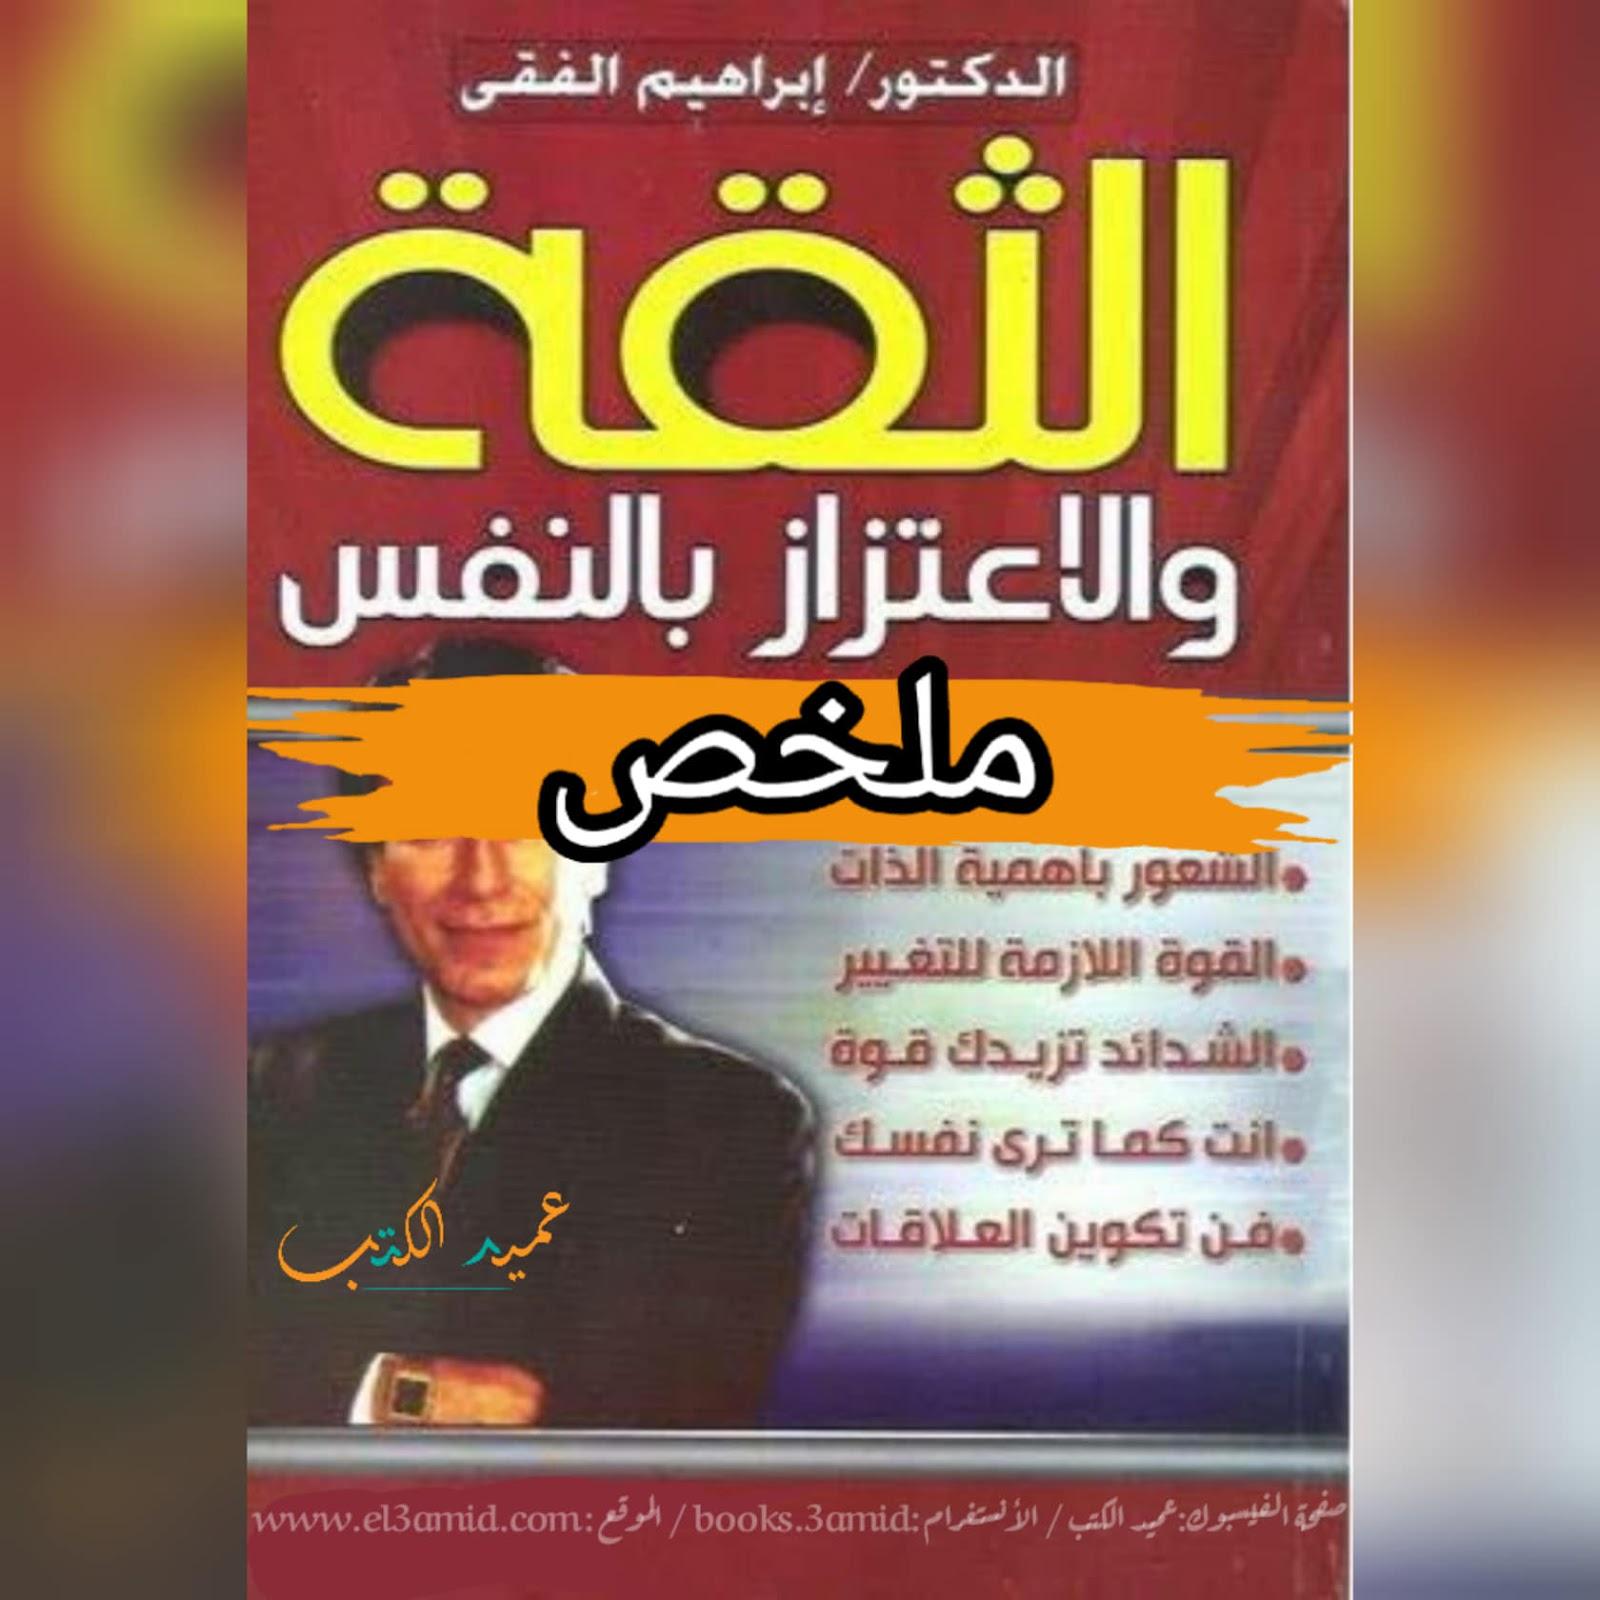 ملخص كتاب الثقة والإعتزاز بالنفس PDF | إبراهيم الفقى